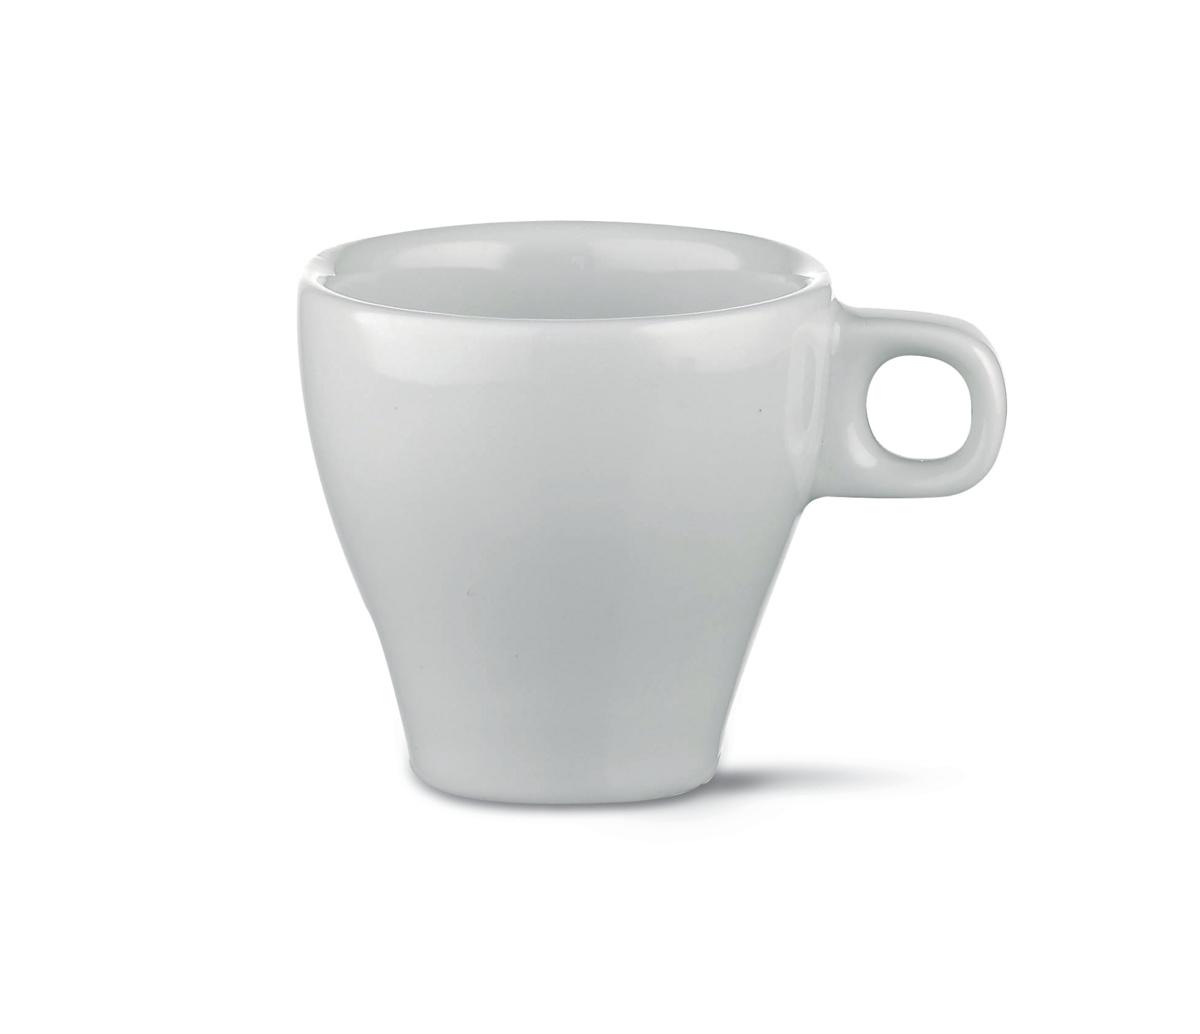 Tasse à thé ronde blanc porcelaine 15 cl Ø 8 cm Paula